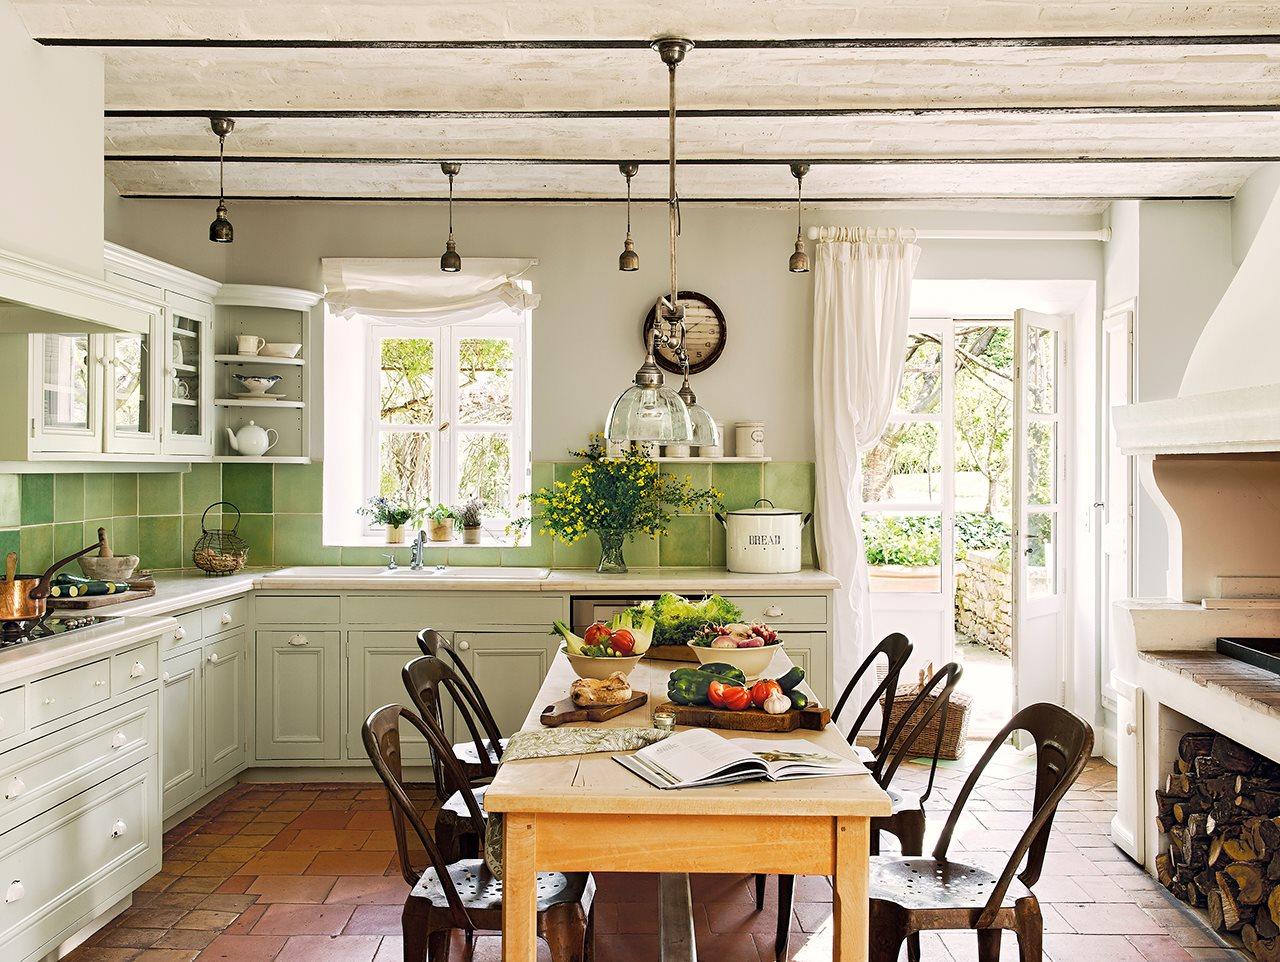 cocina con cocina de lena y azulejos verdes 1280x962 - La Ferme du Bon Dieu: A farm converted into a house which holds a love story